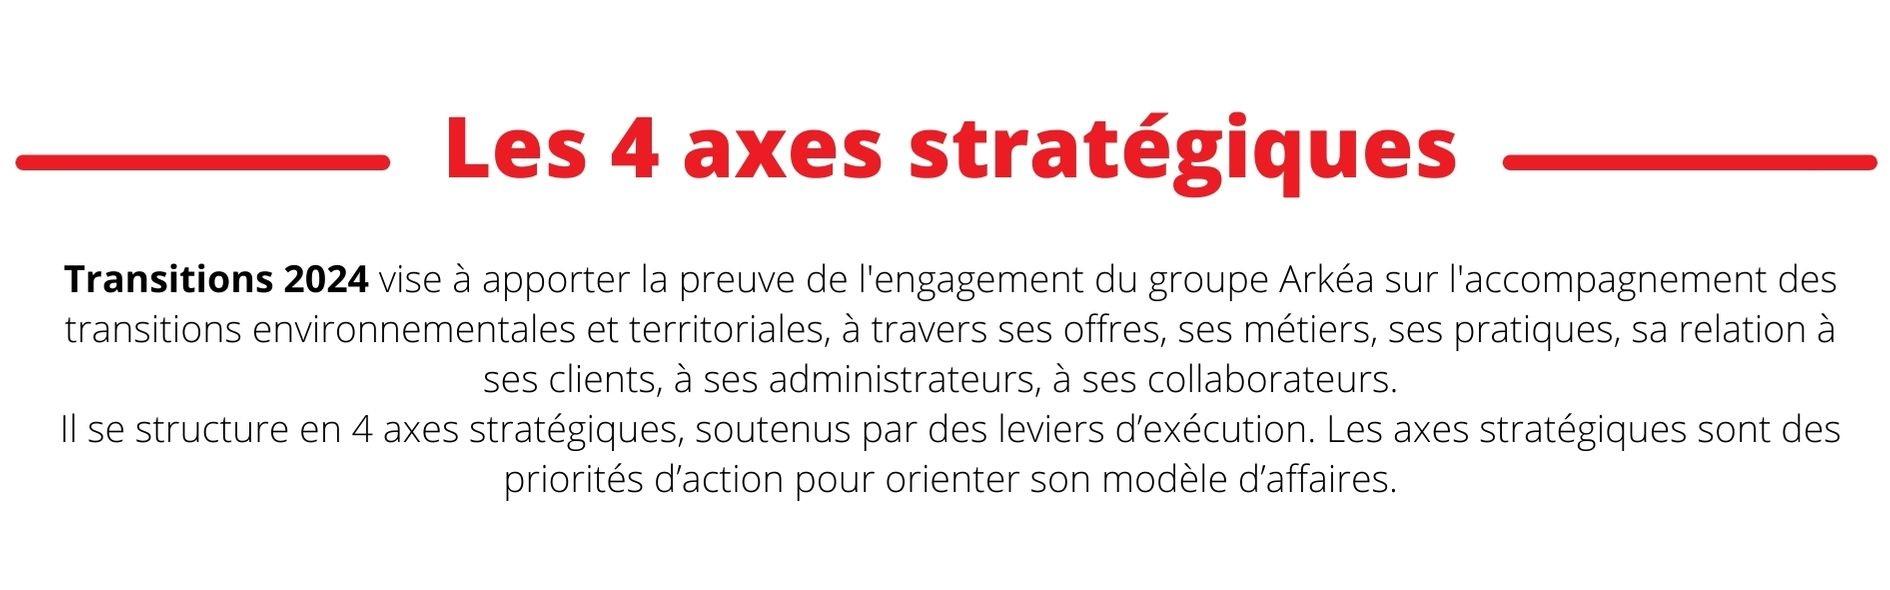 les 4 axes stratégiques de Transitions 2024